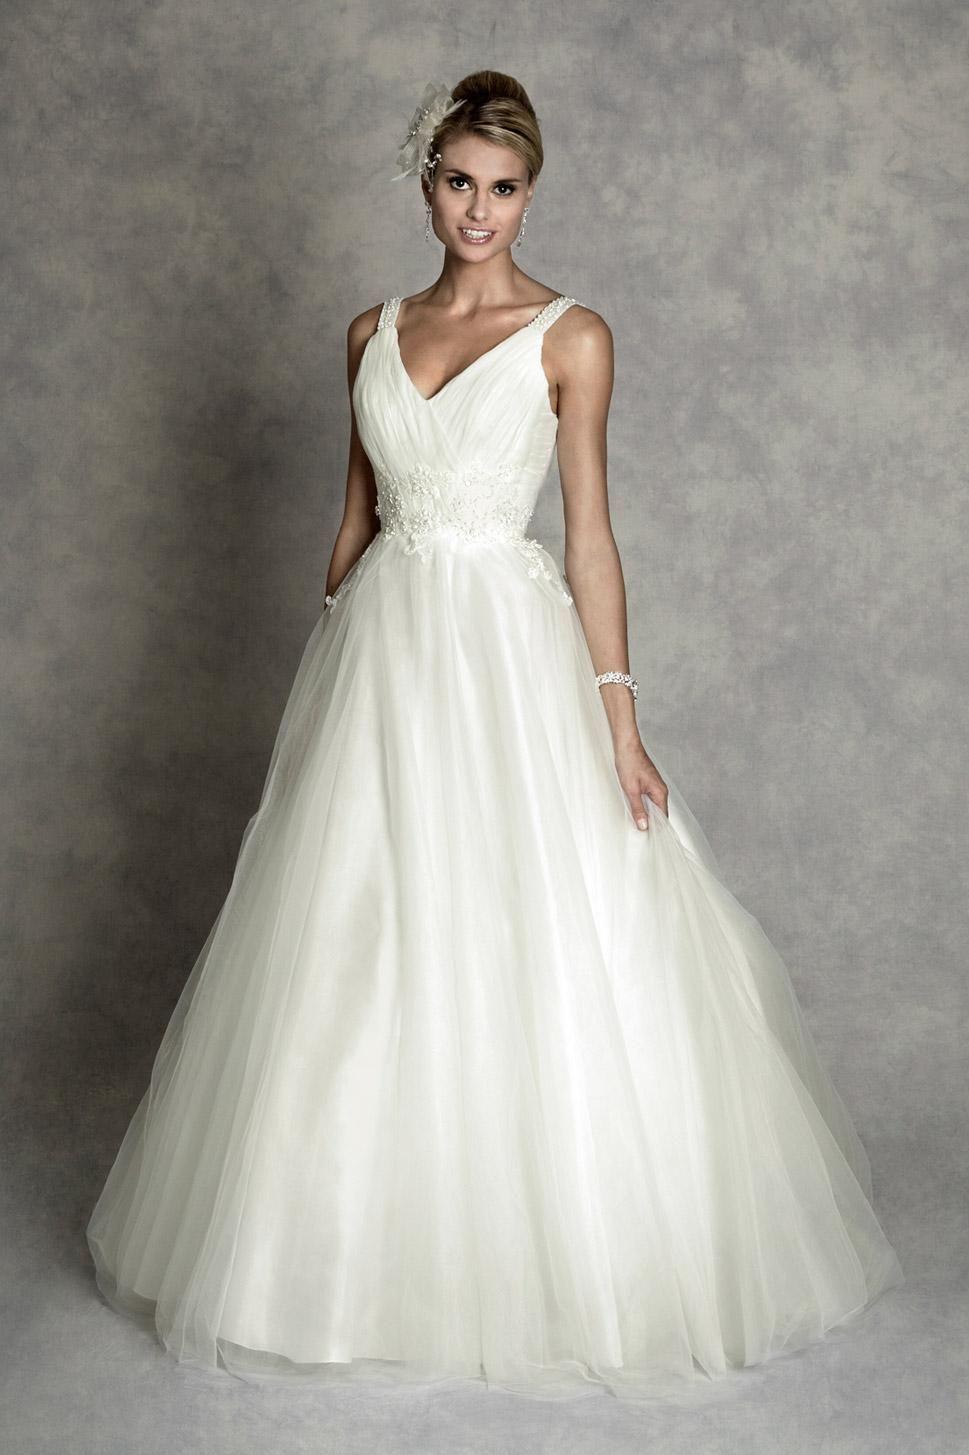 Vintage Wedding Dress Princess Full Train V Neck Embellished ...